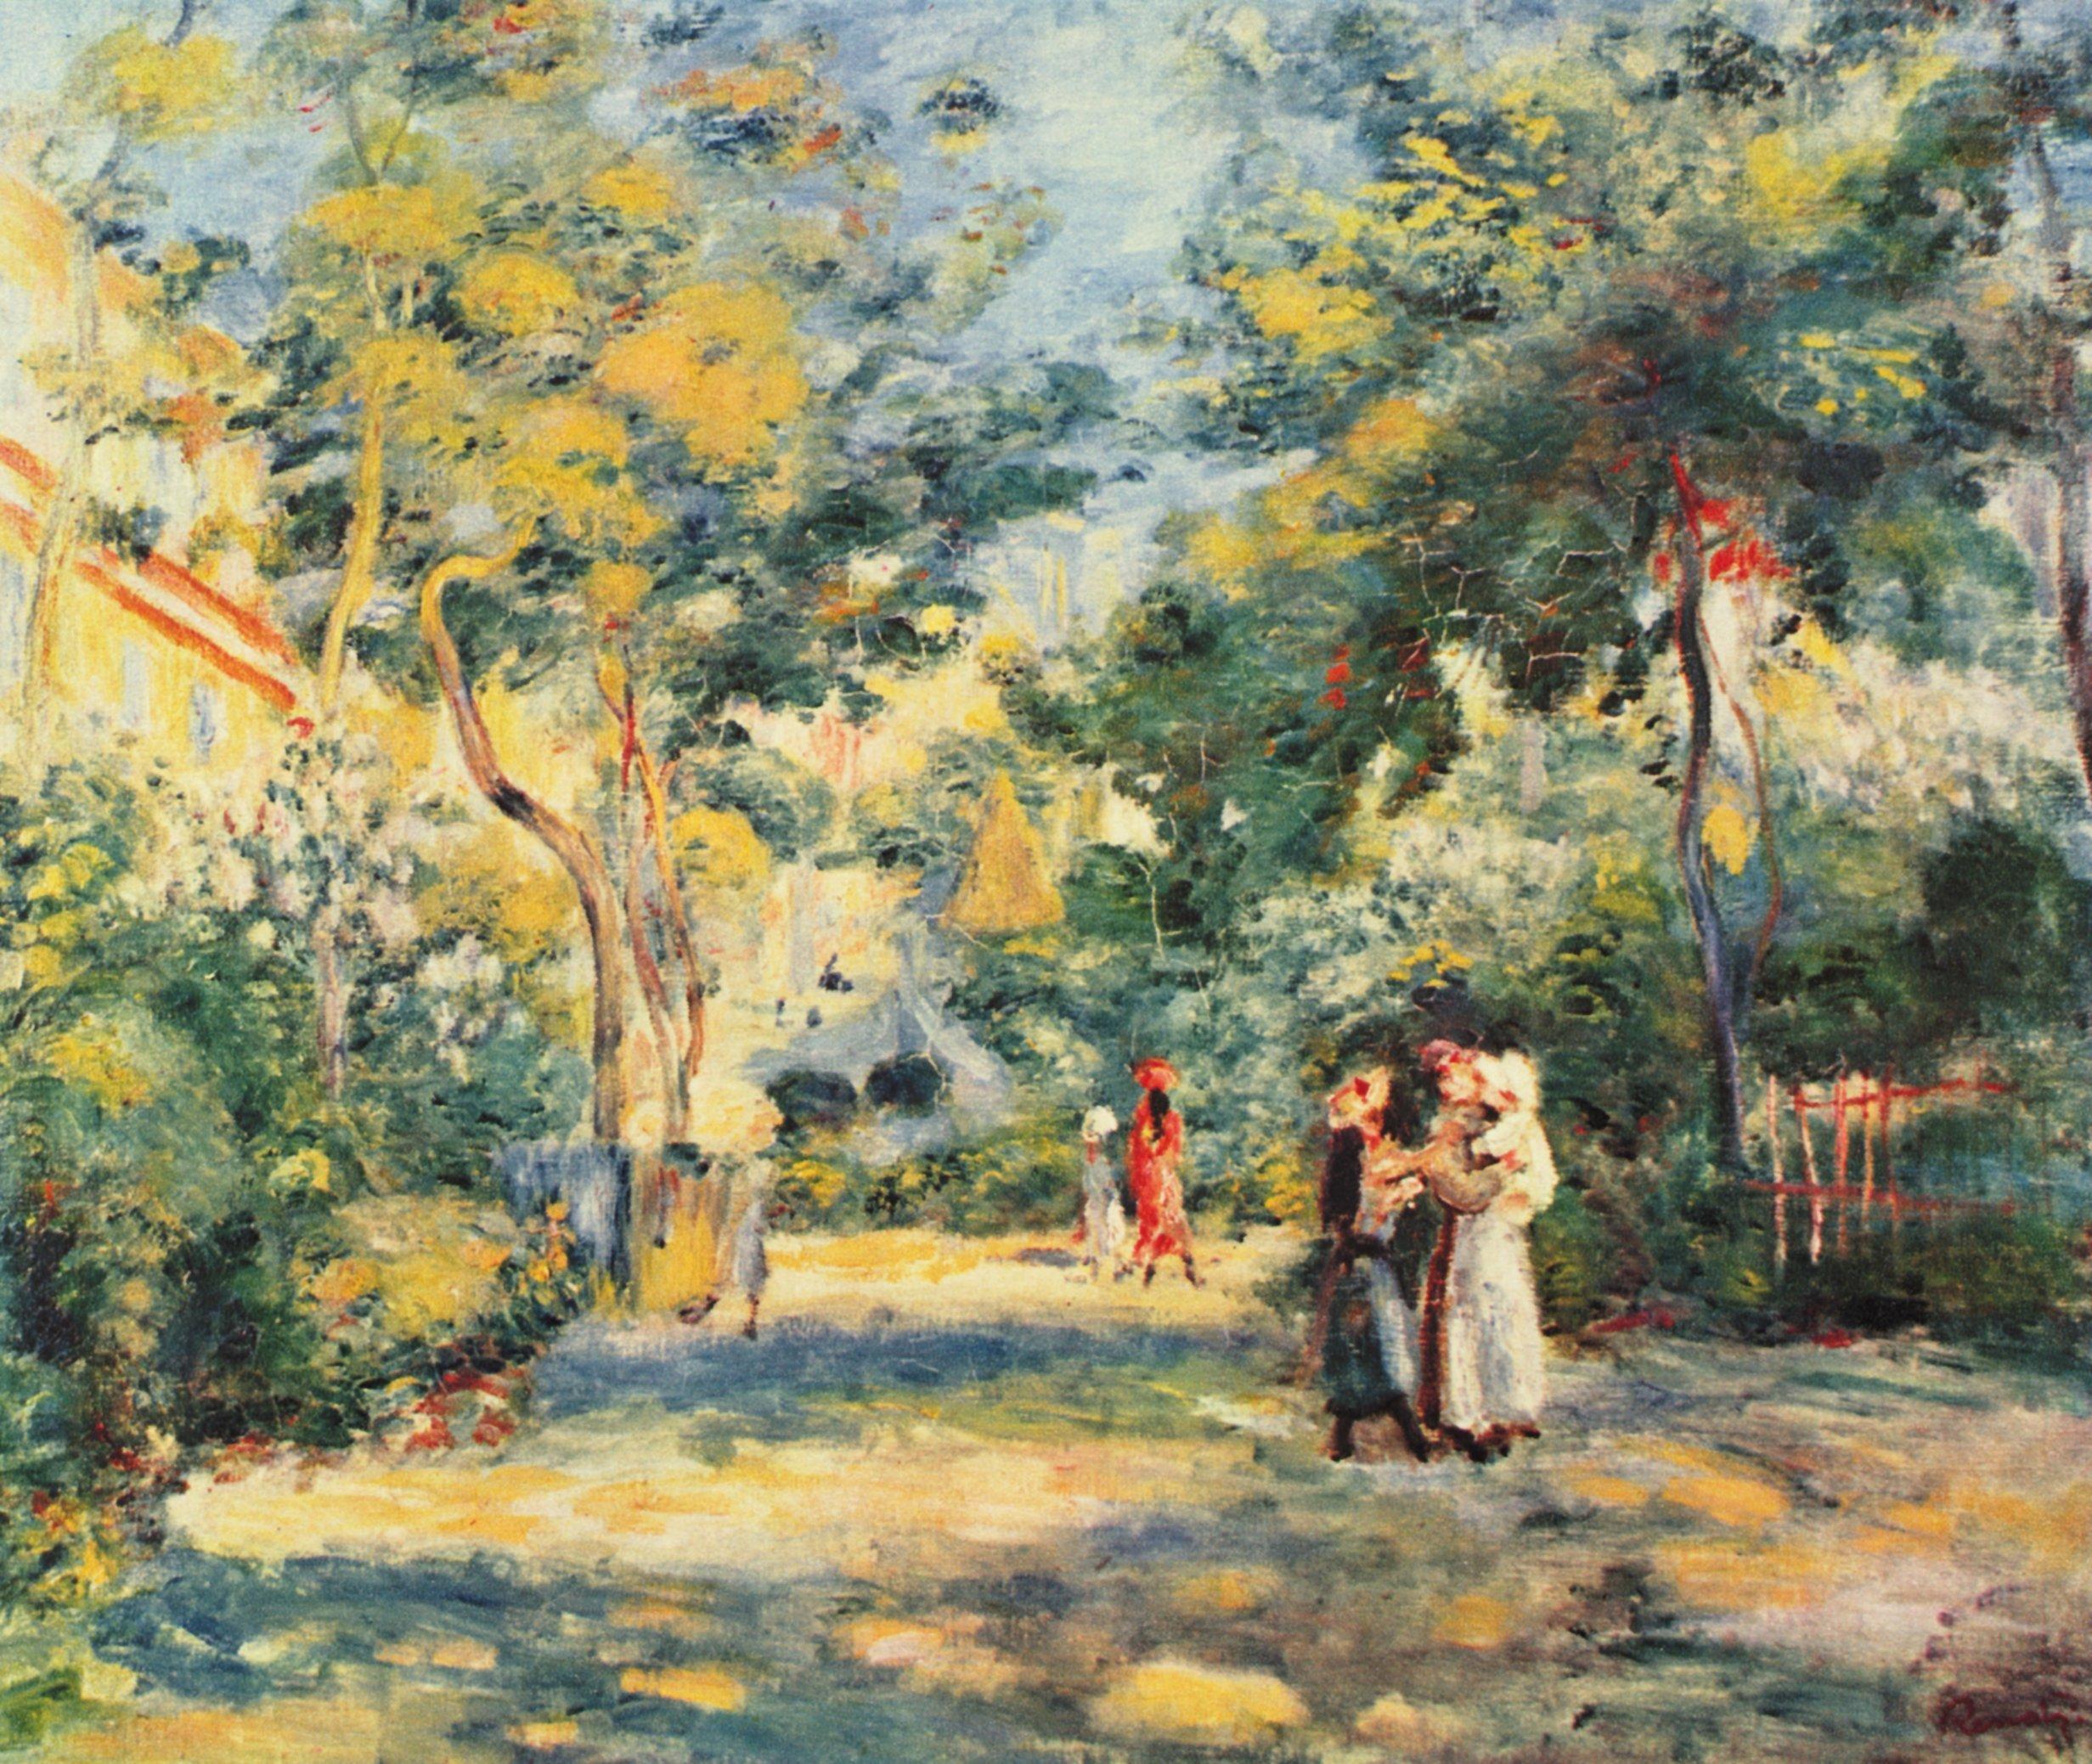 Renoir Figures In The Garden Giclee Art Reproduction On Pierre Auguste Renoir August Renoir Renoir